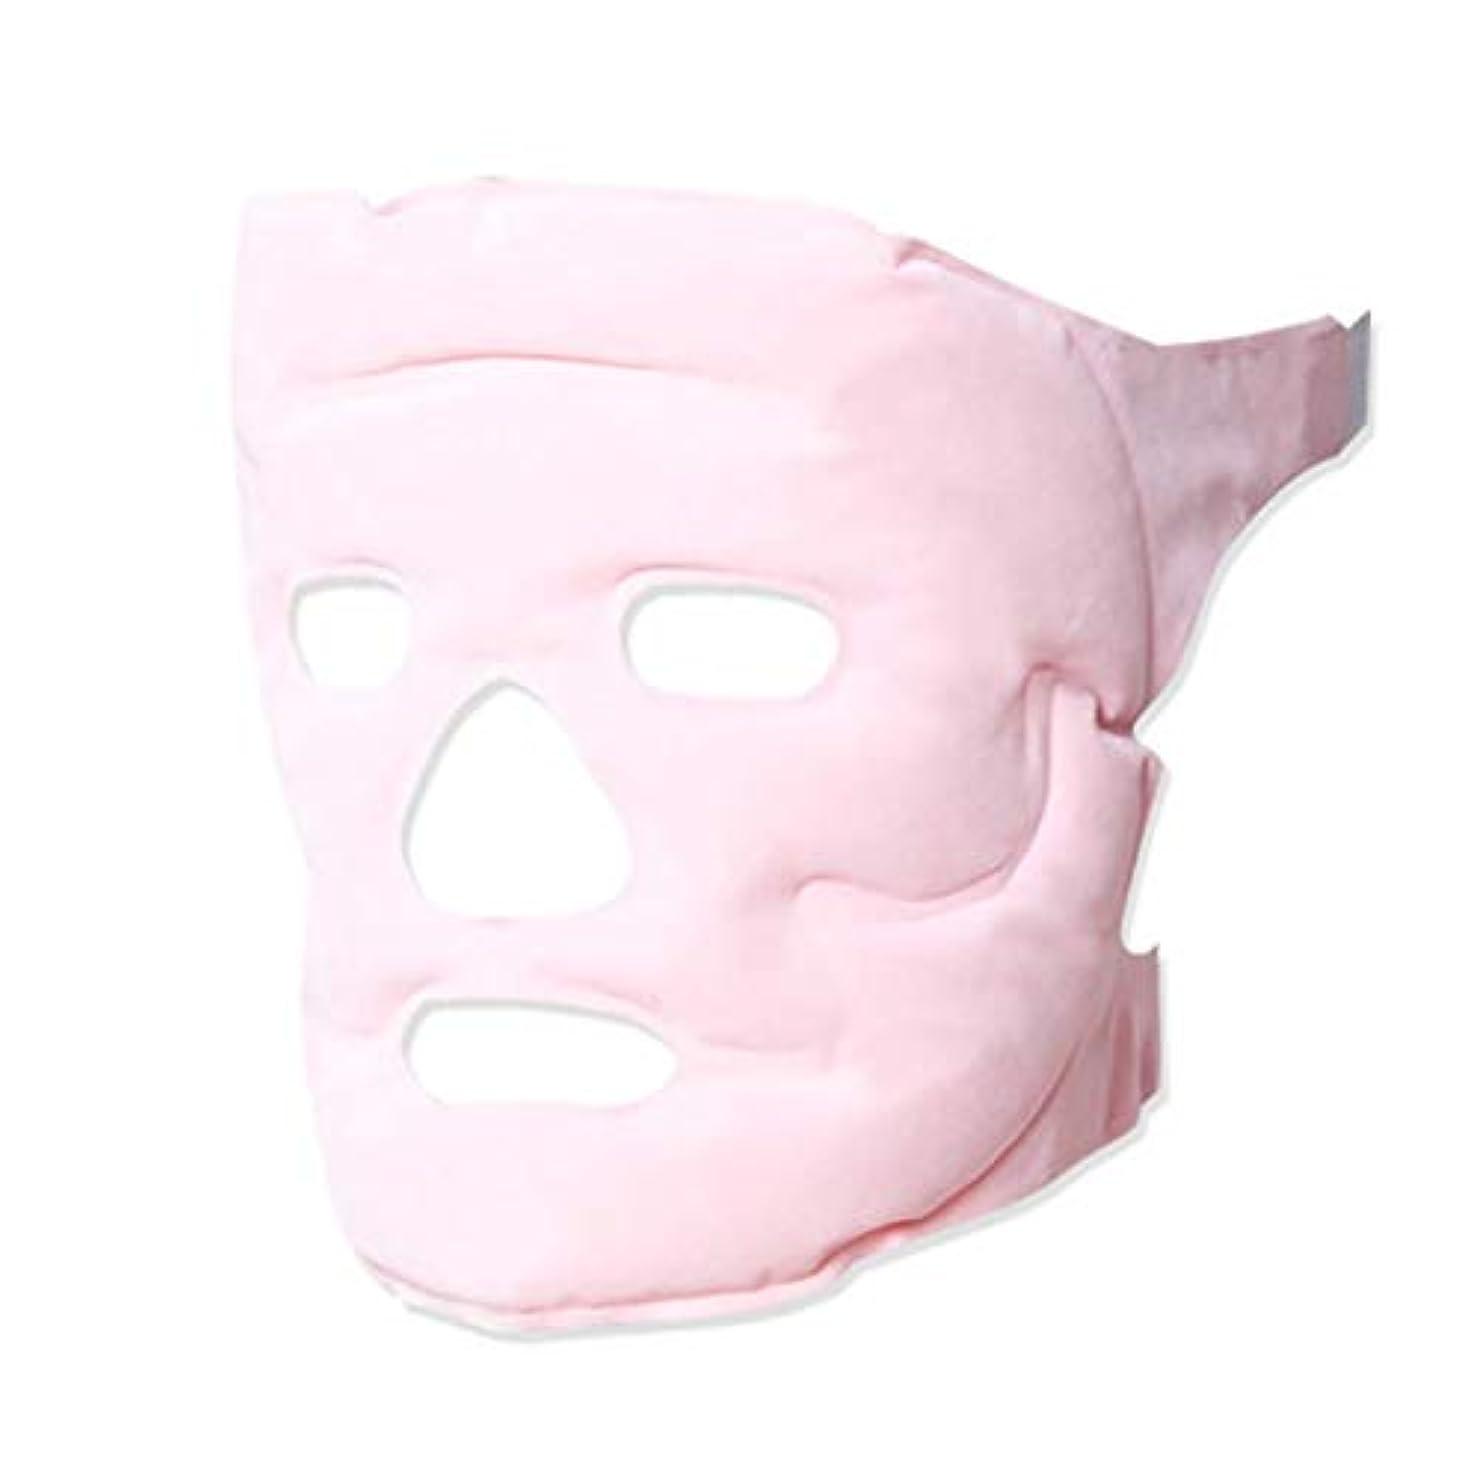 蒸気灌漑工夫するvフェイスマスク睡眠薄い顔で美容マスク磁気療法リフティングフェイシャル引き締め判決パターン包帯アーティファクトピンク